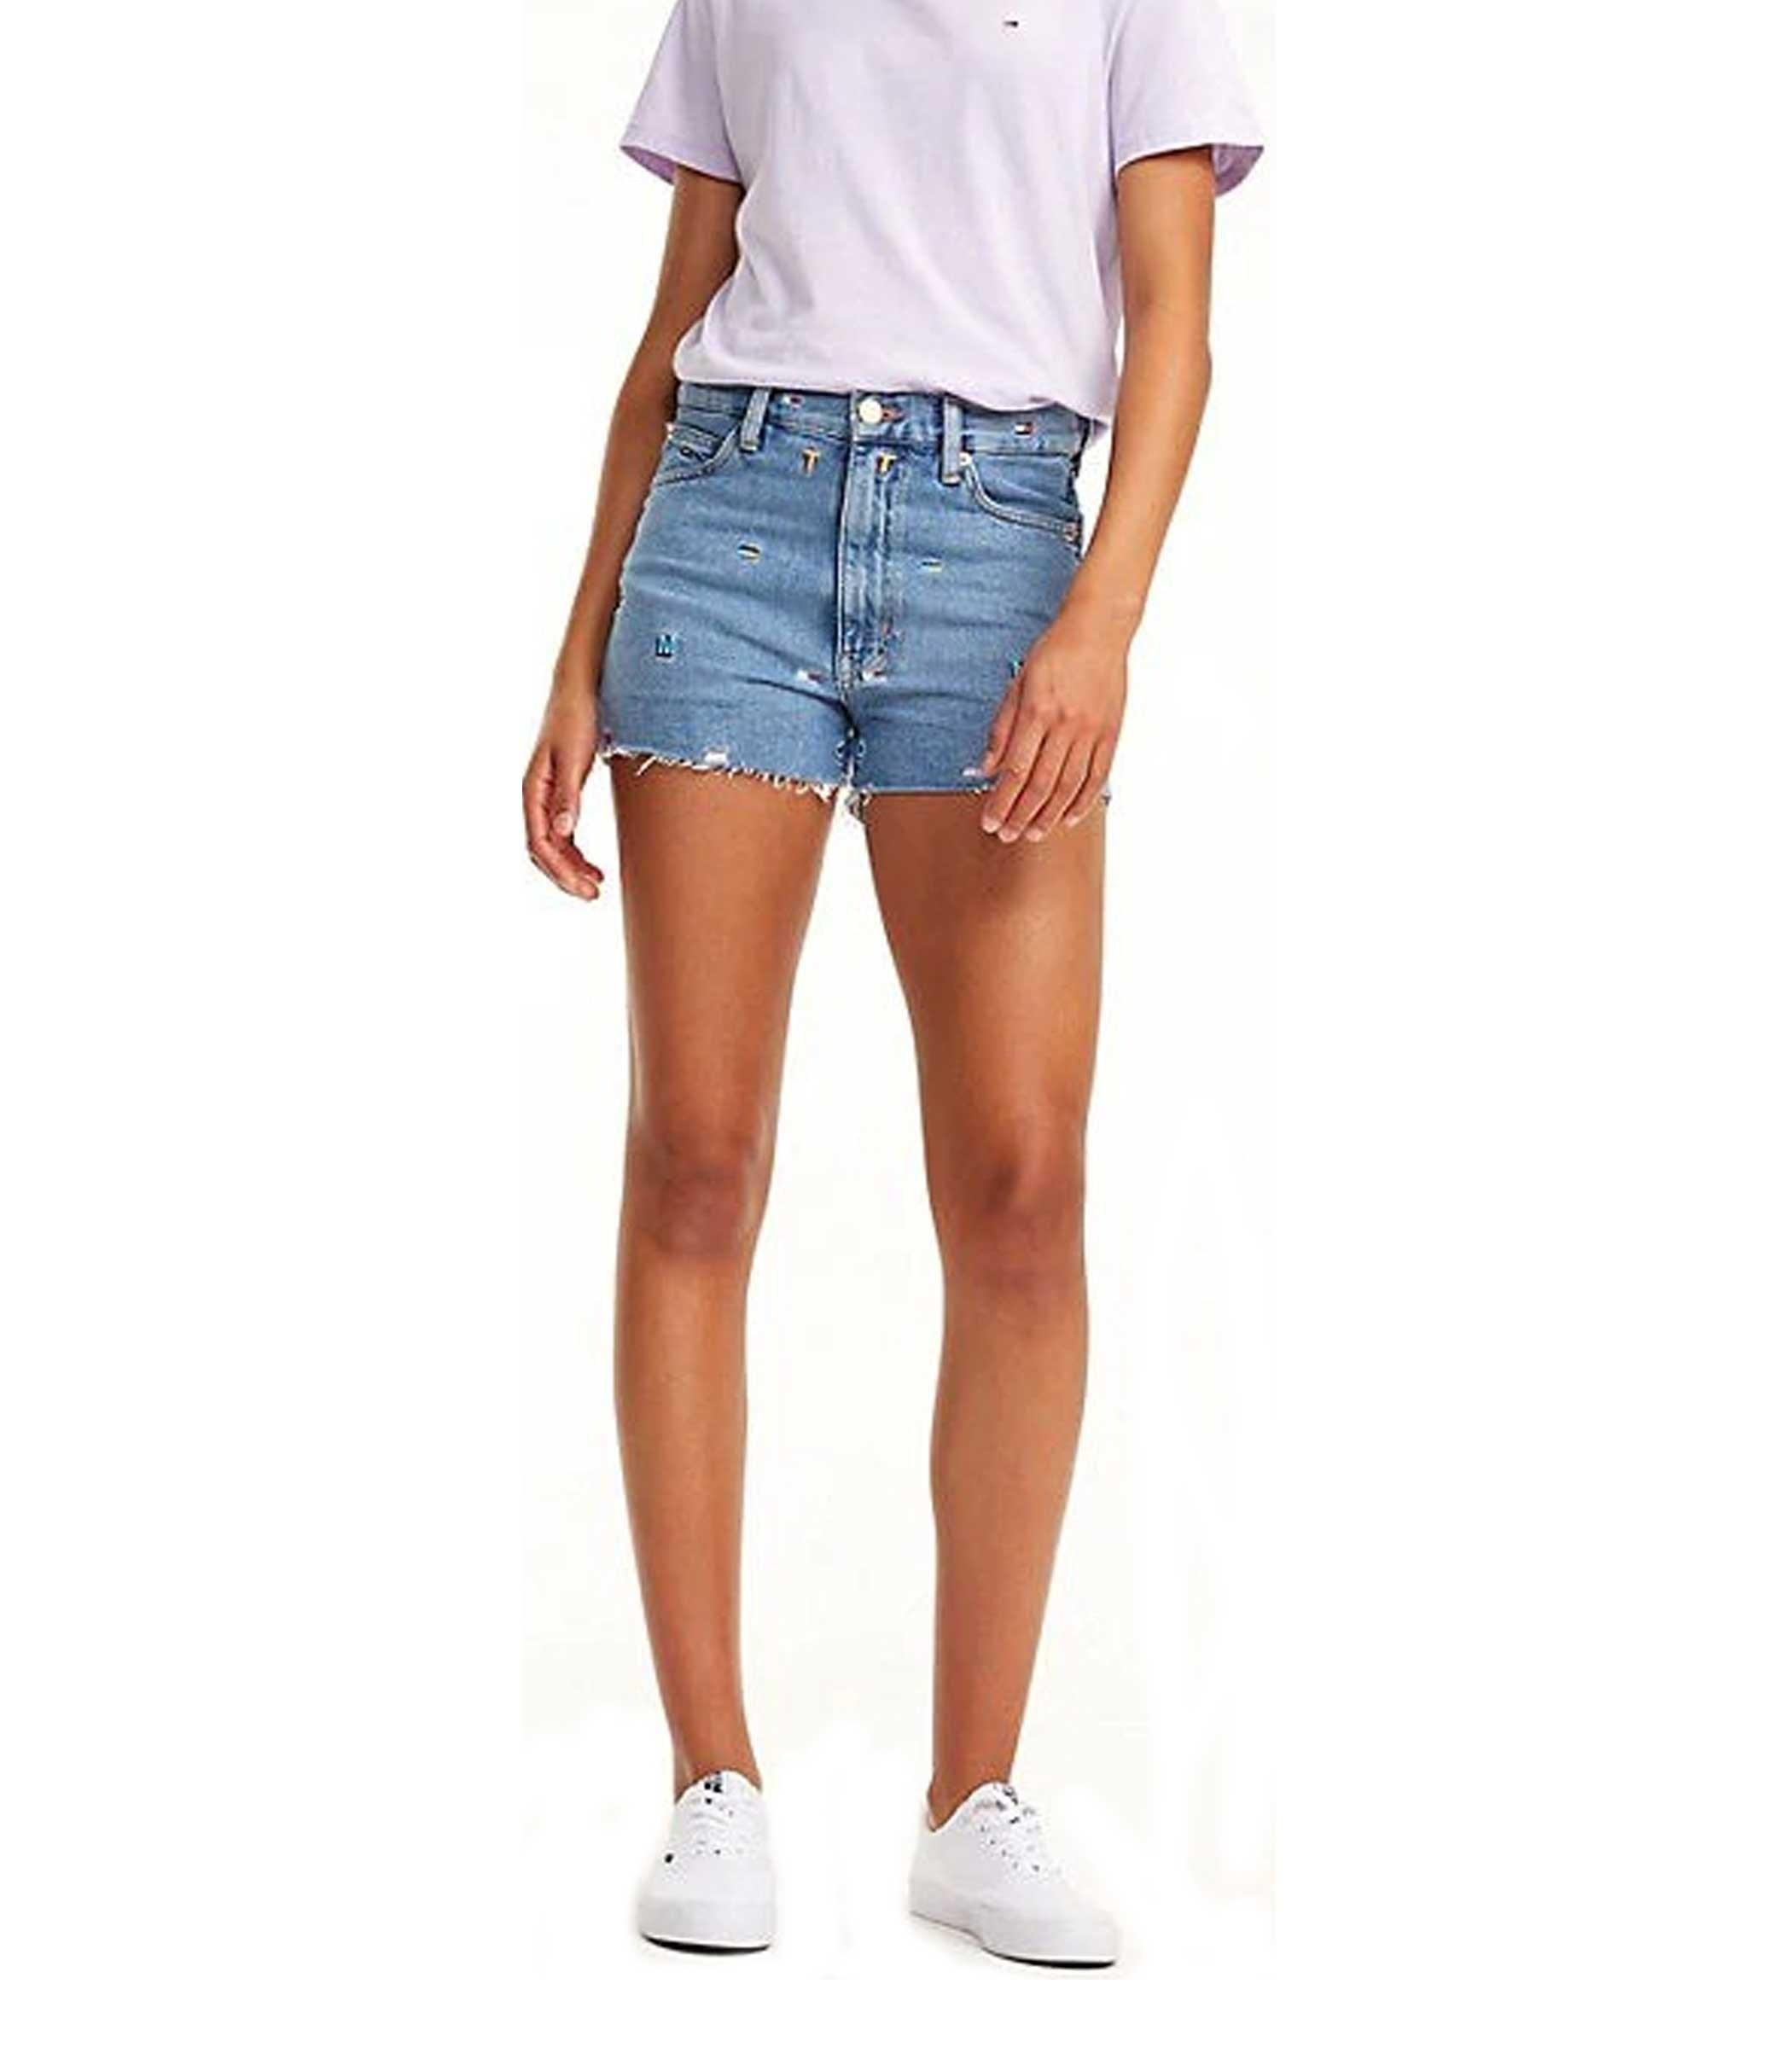 Abbigliamento da donna Tommy Hilfiger prodotta in Bermuda